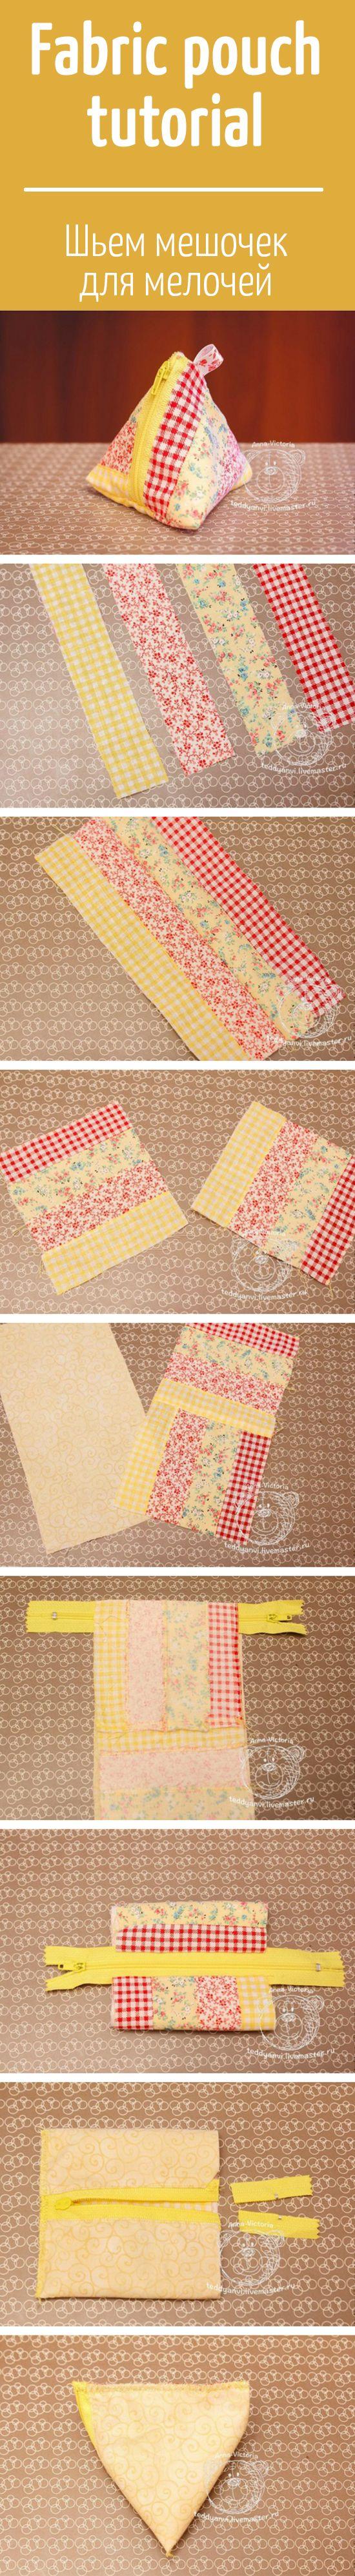 Шьем «Домик» — оригинальный мешочек для хранения мелочей. Отличная упаковка для небольшого подарка / Fabric pouch tutorial